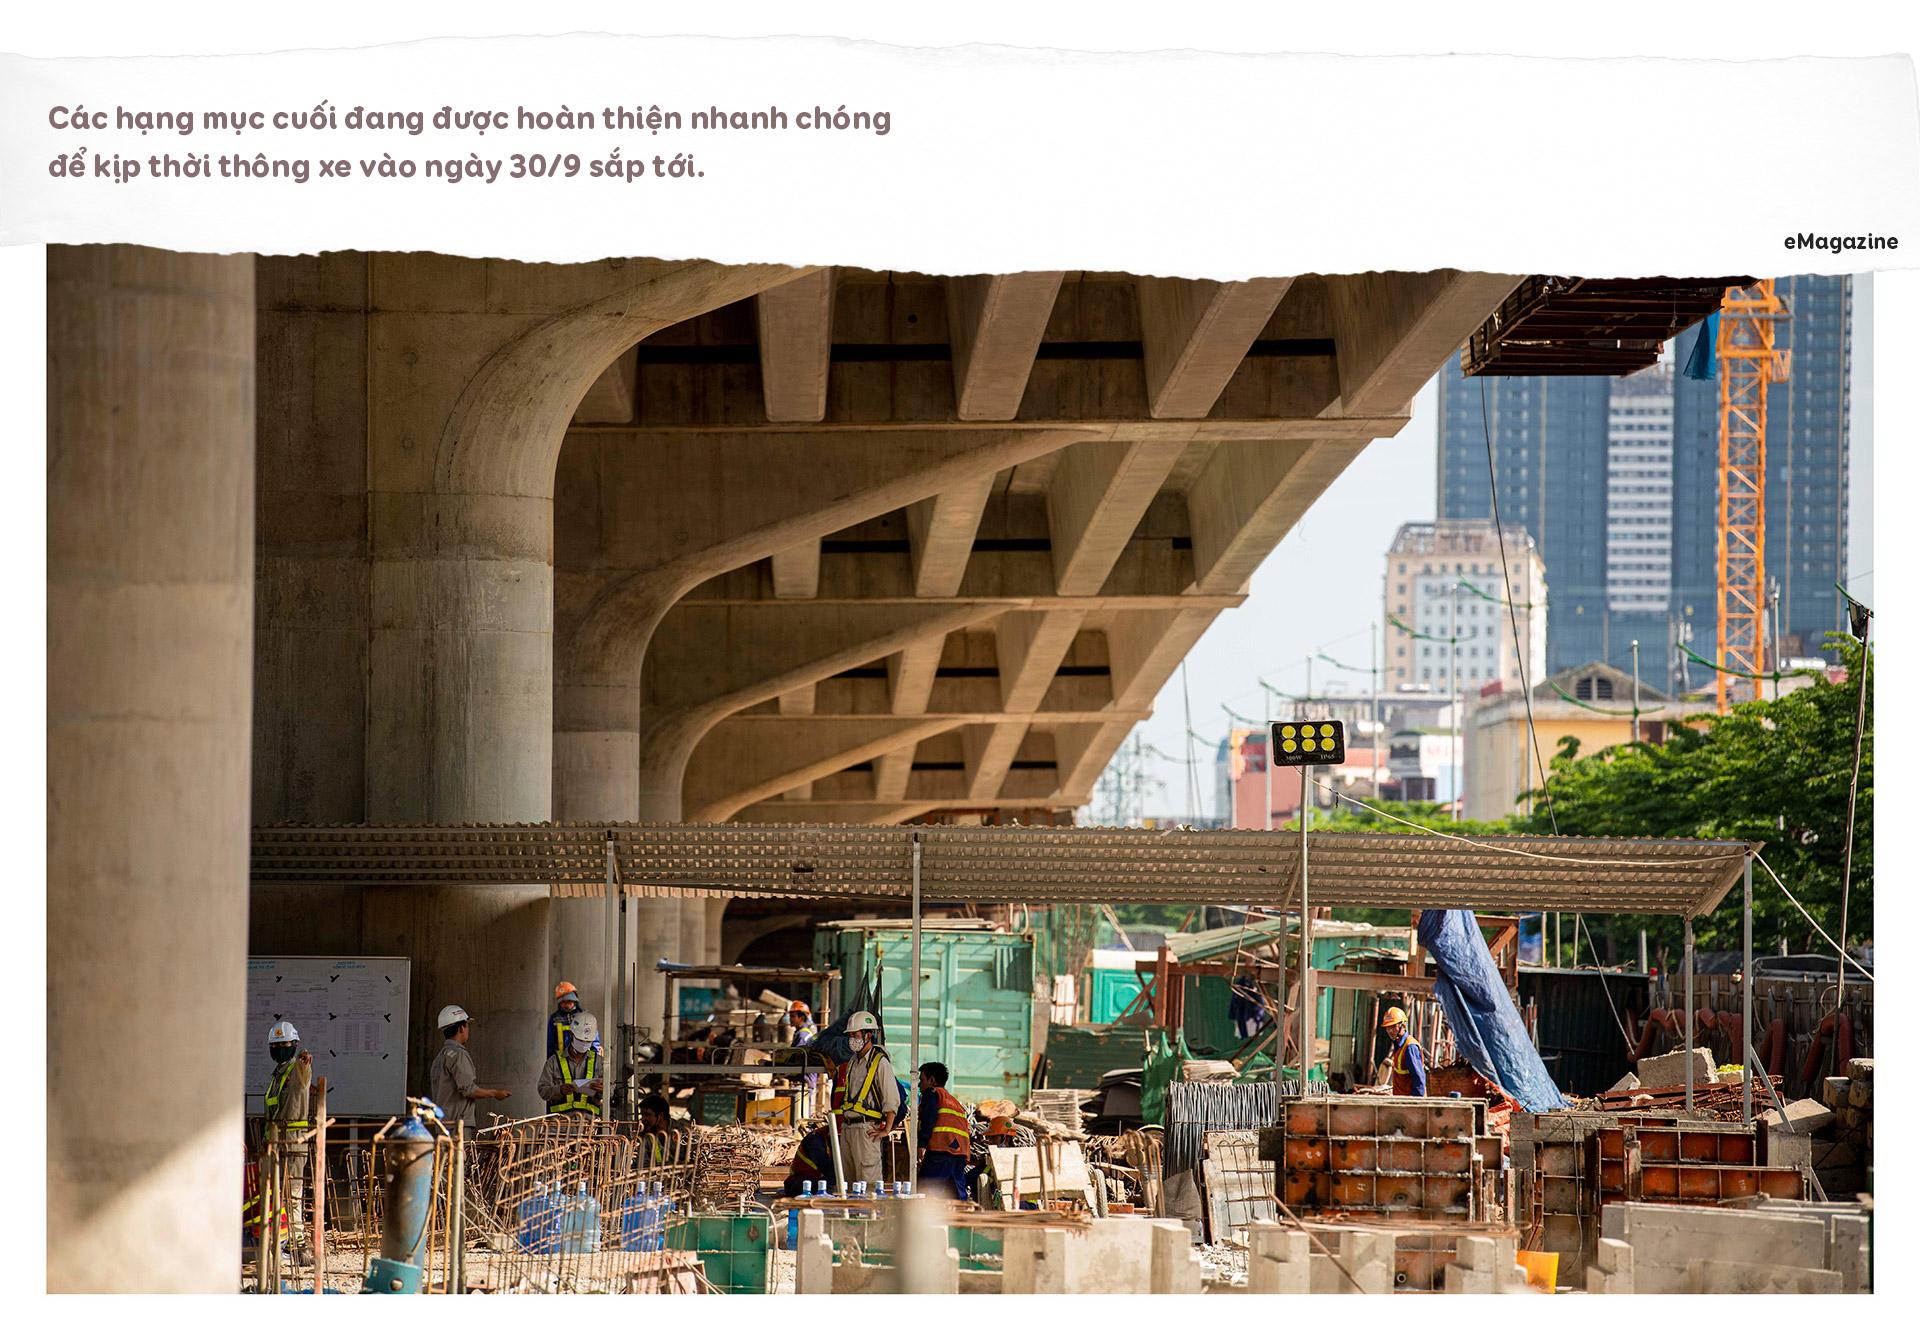 Diện mạo cầu cạn hơn 1.000 tỷ đồng/1 km nối với cây cầu 2 tầng độc nhất - 10